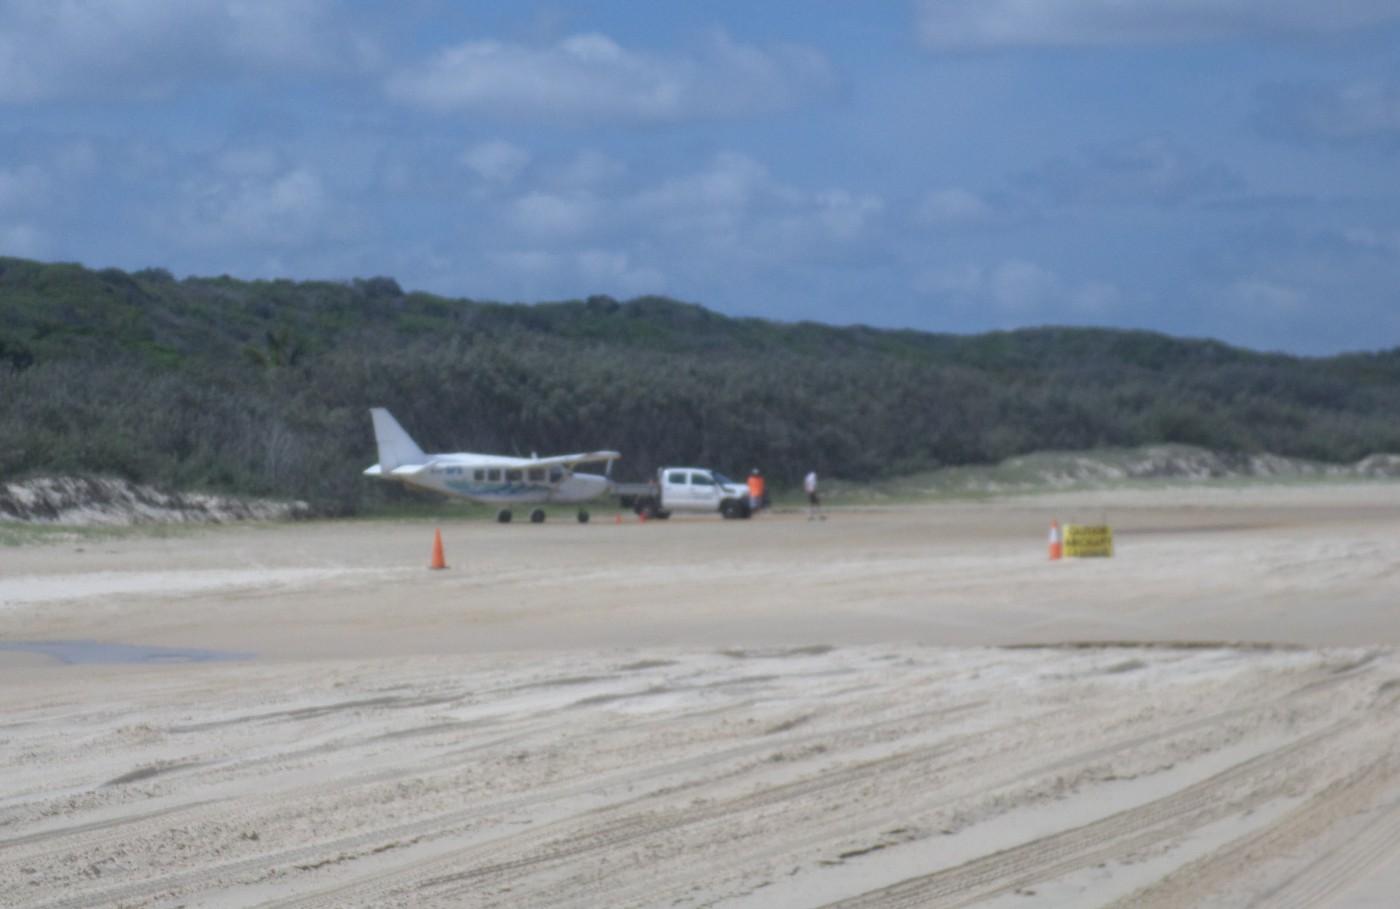 flugzeug fraser island australien